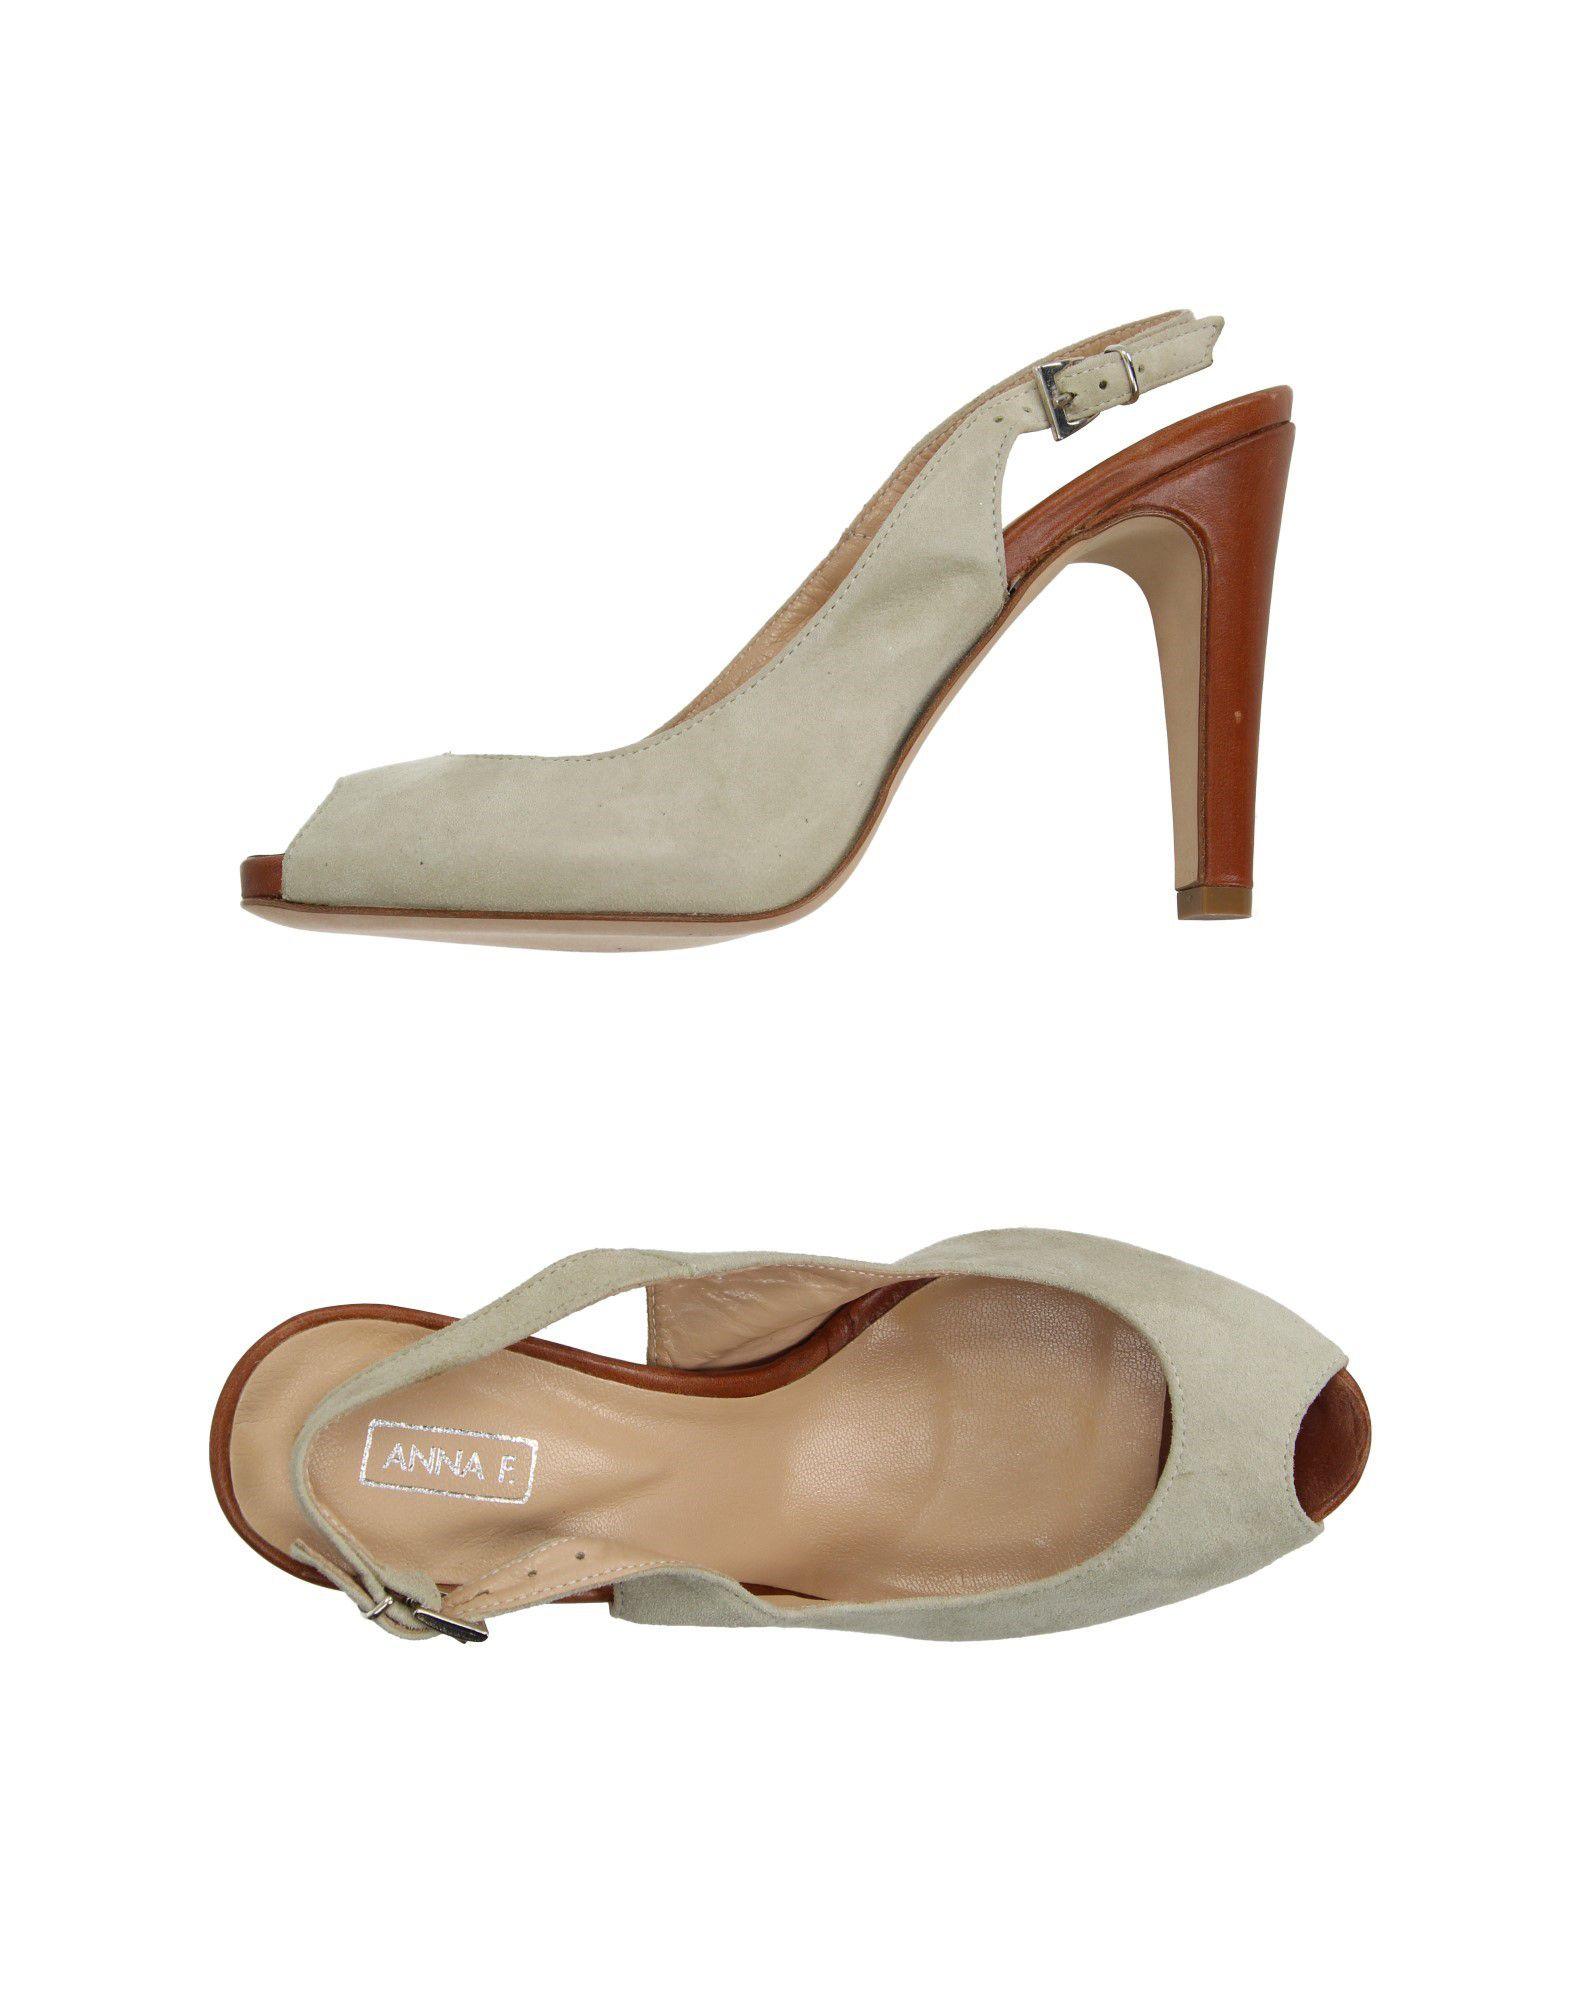 Anna F. Sandalen Sandalen F. Damen  11165451JX Gute Qualität beliebte Schuhe e1c81a